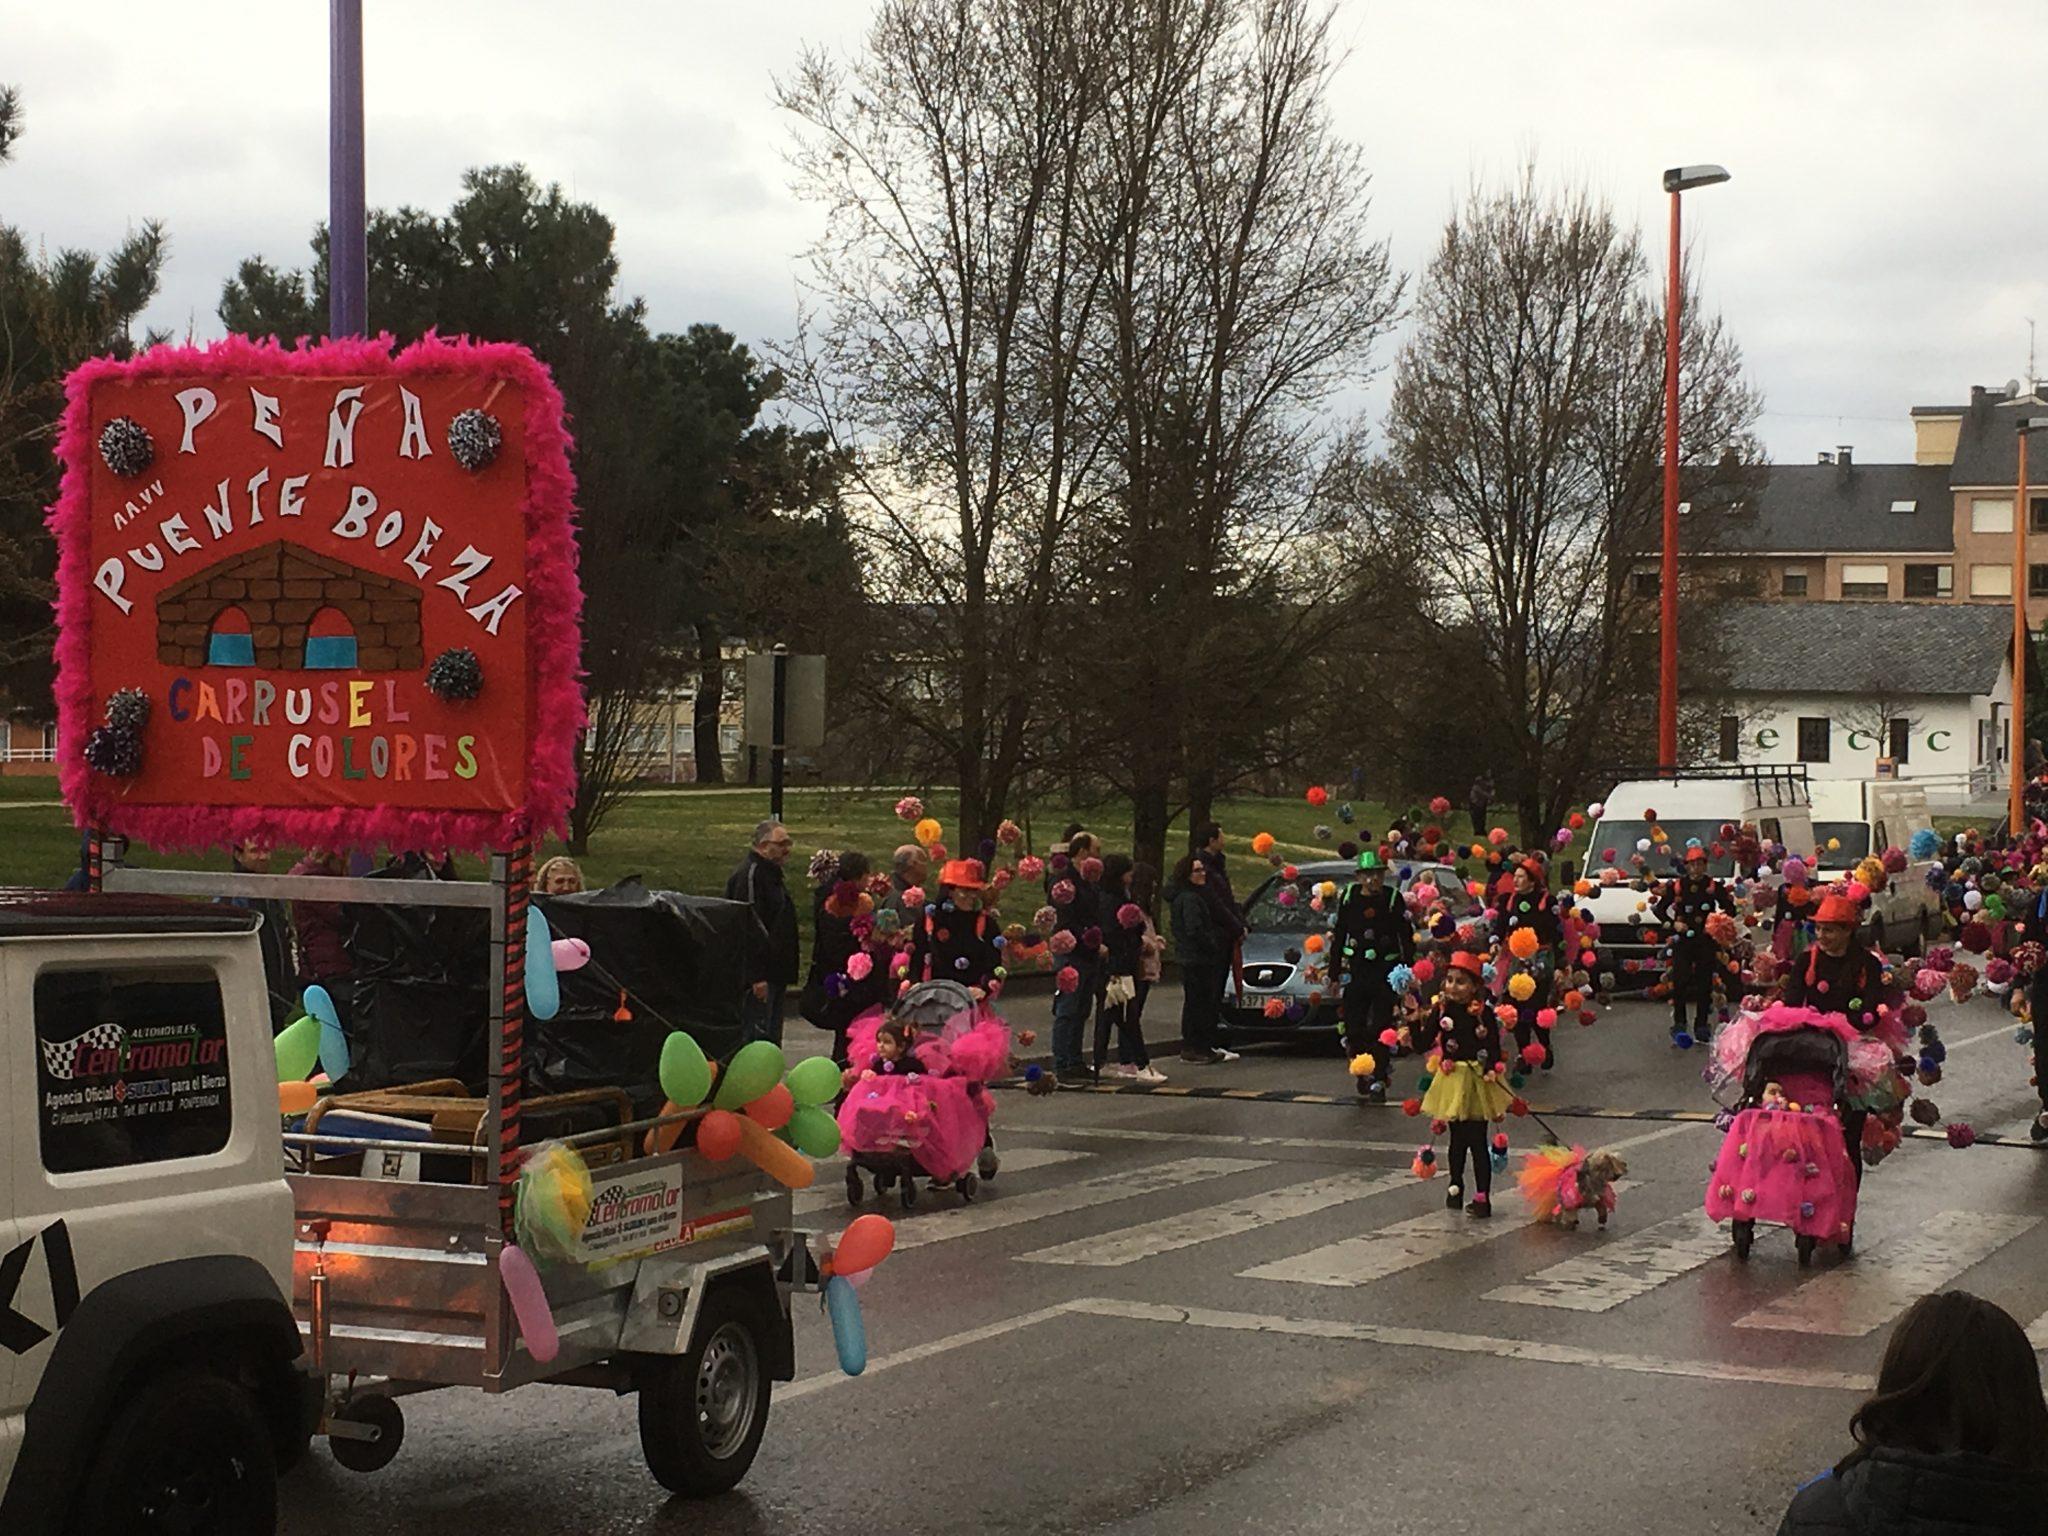 Álbum de fotos del martes de Carnaval 2019 en Ponferrada 36